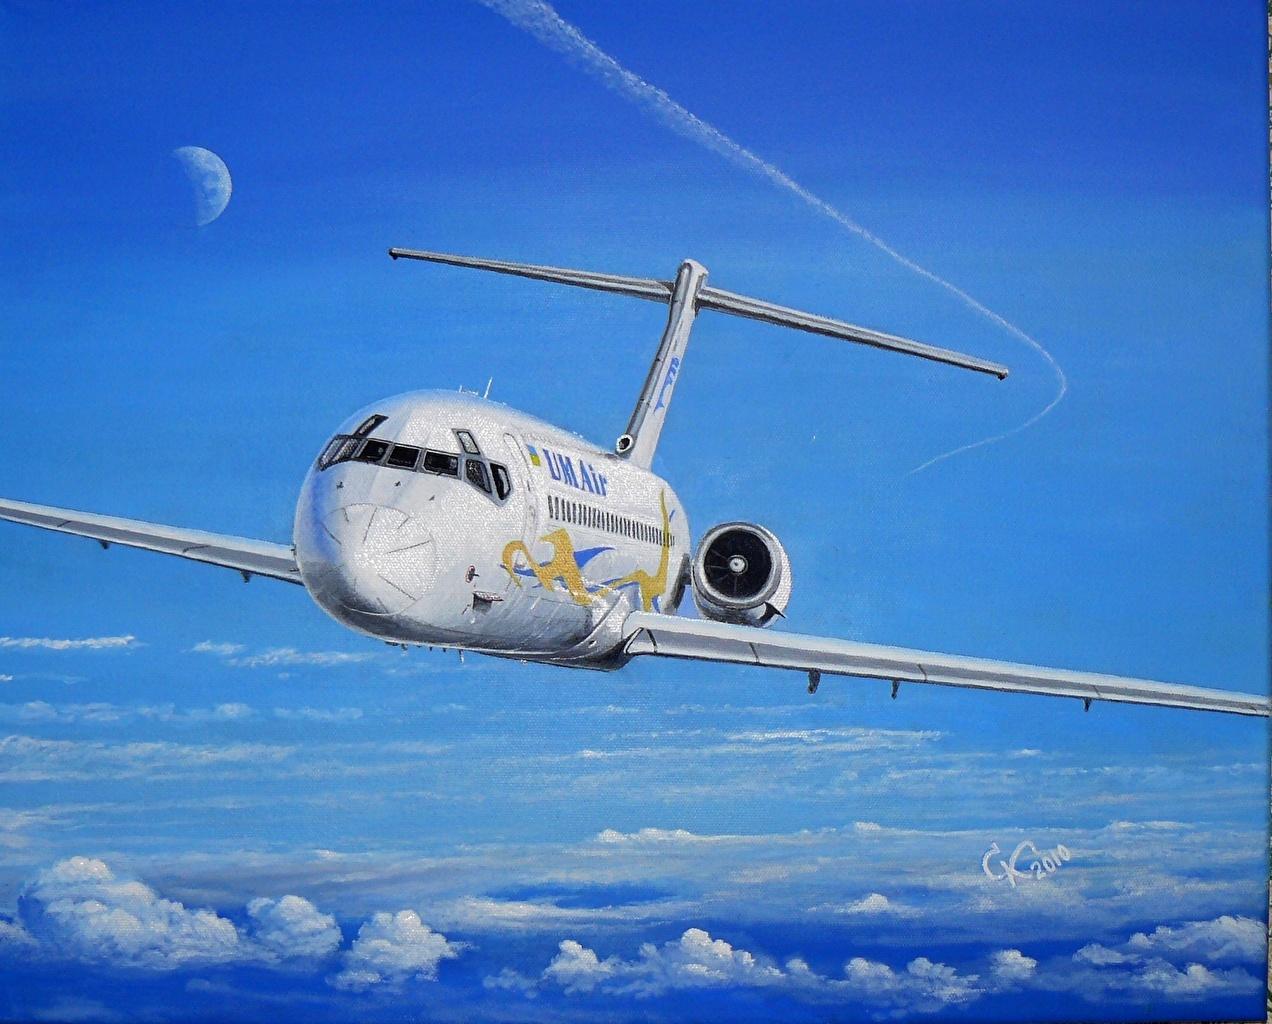 壁紙 描かれた壁紙 飛行機 旅客機 Dc 9 航空 ダウンロード 写真